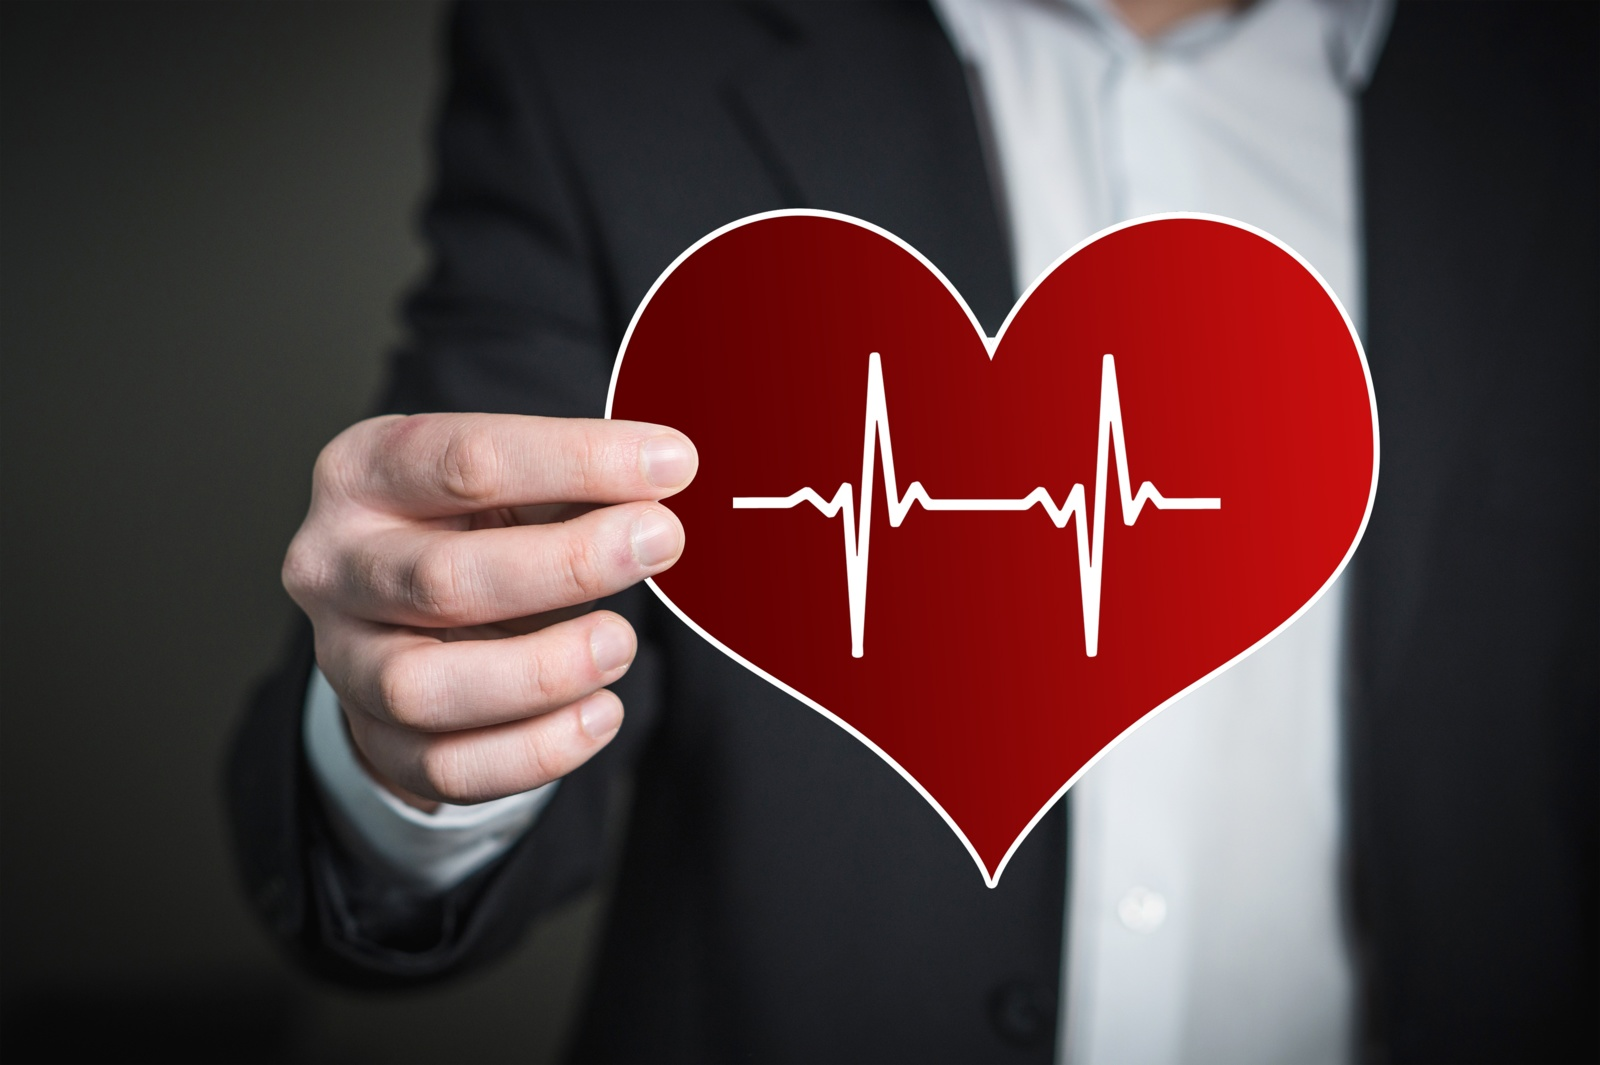 širdies sveikatos žolelių papildai vaistų nuo hipertenzijos blokatoriuose